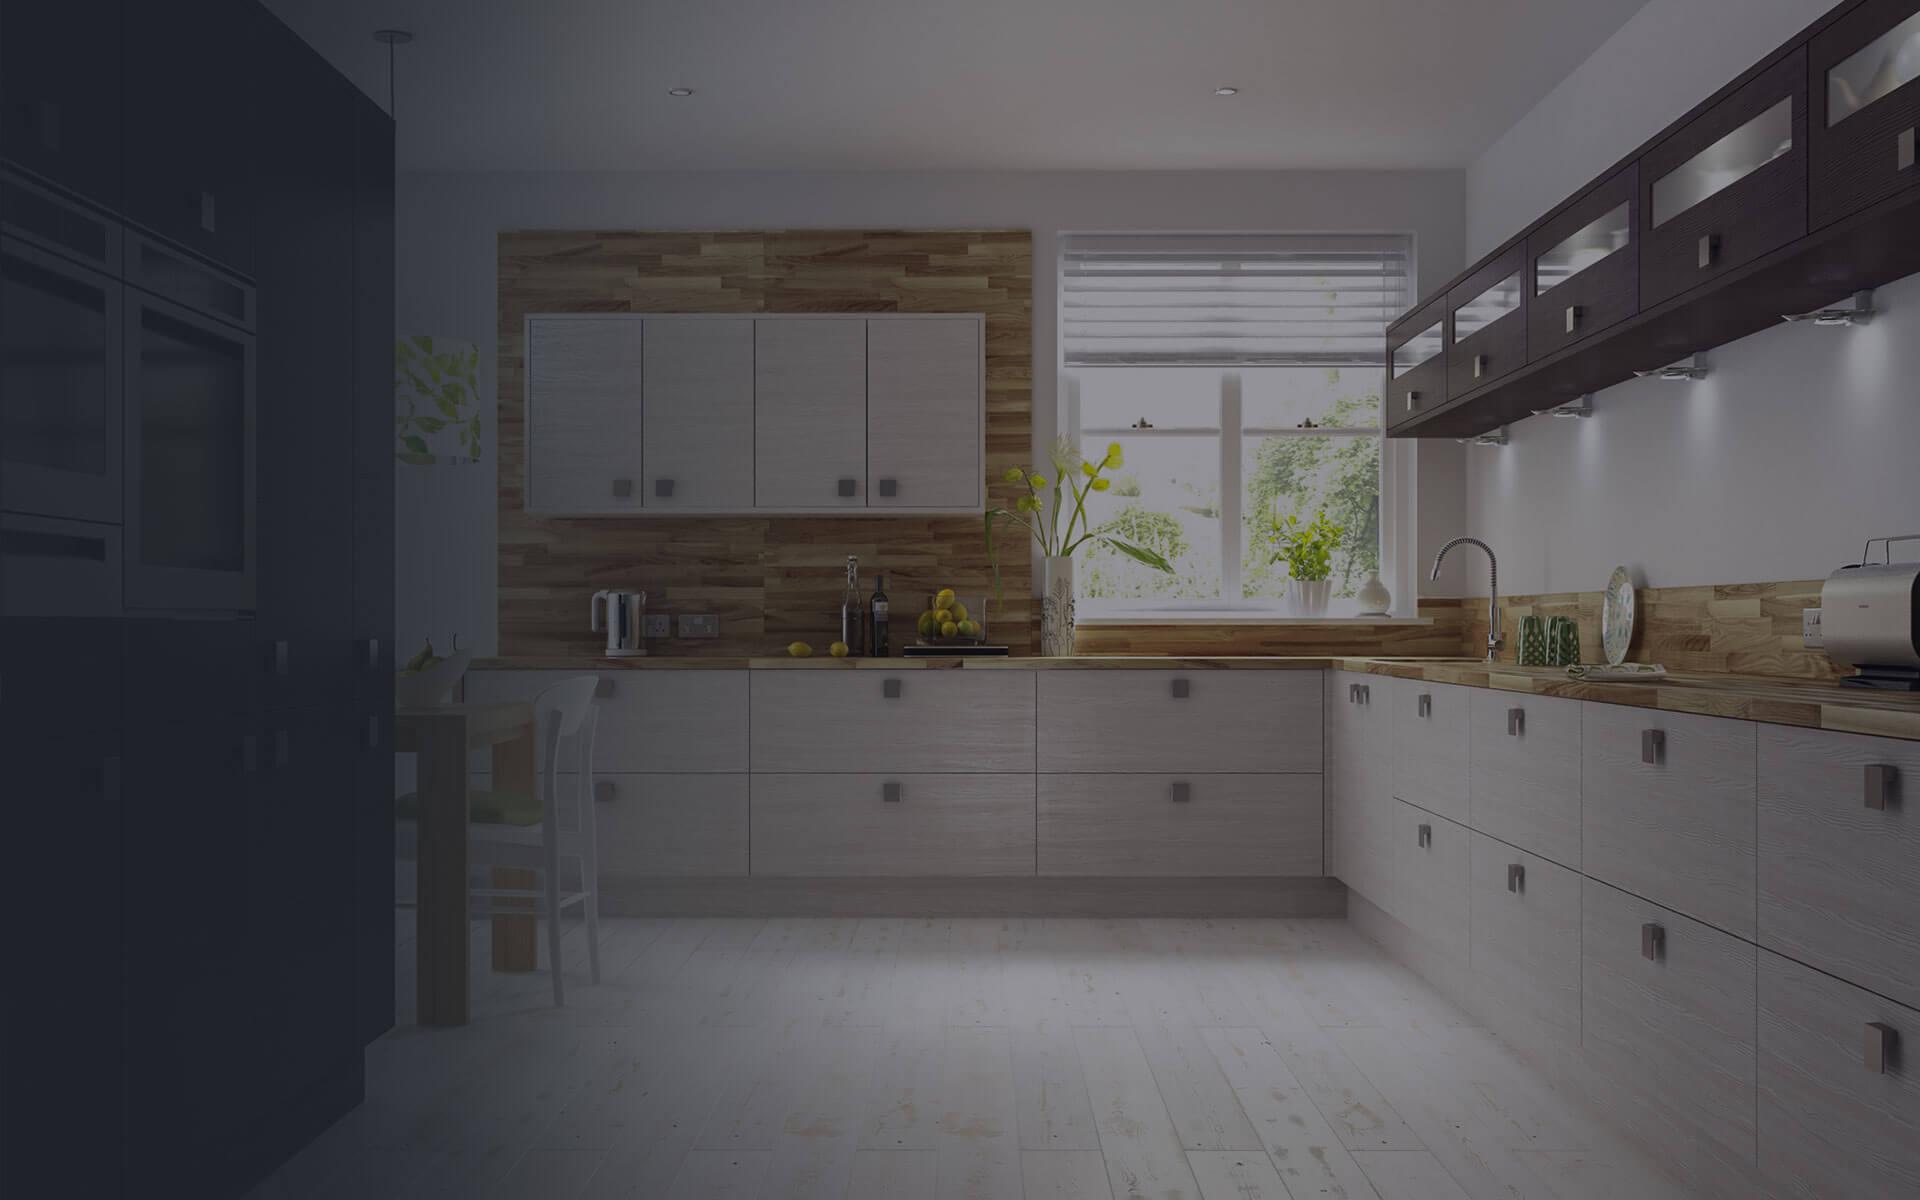 Nowoczesny design połączony z funkcjonalnością – poznaj ofertę naszych kuchni